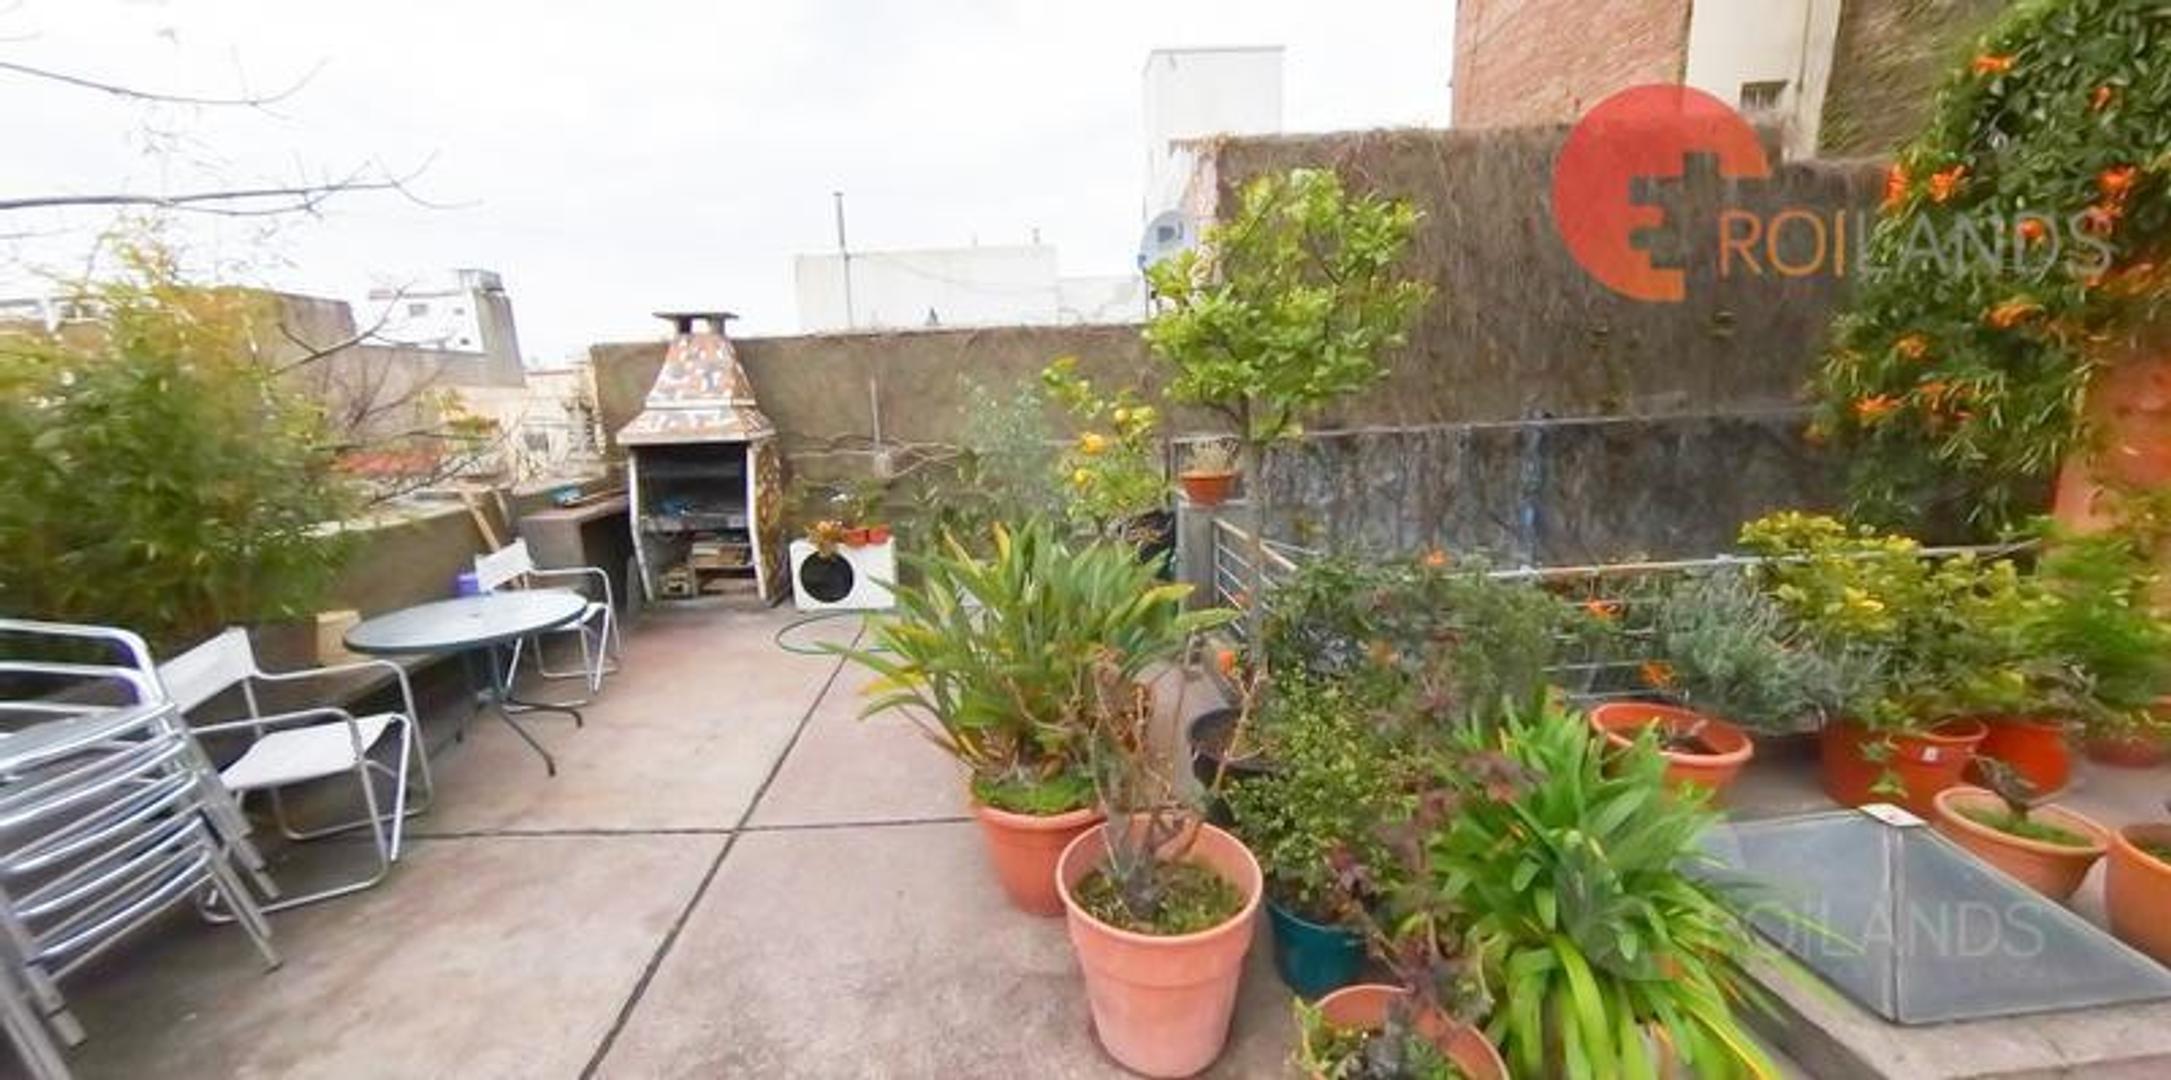 Venta Casa tipo LOFT de 2  plantas 3 ambientes y medio con patio y terraza Boedo - Foto 17